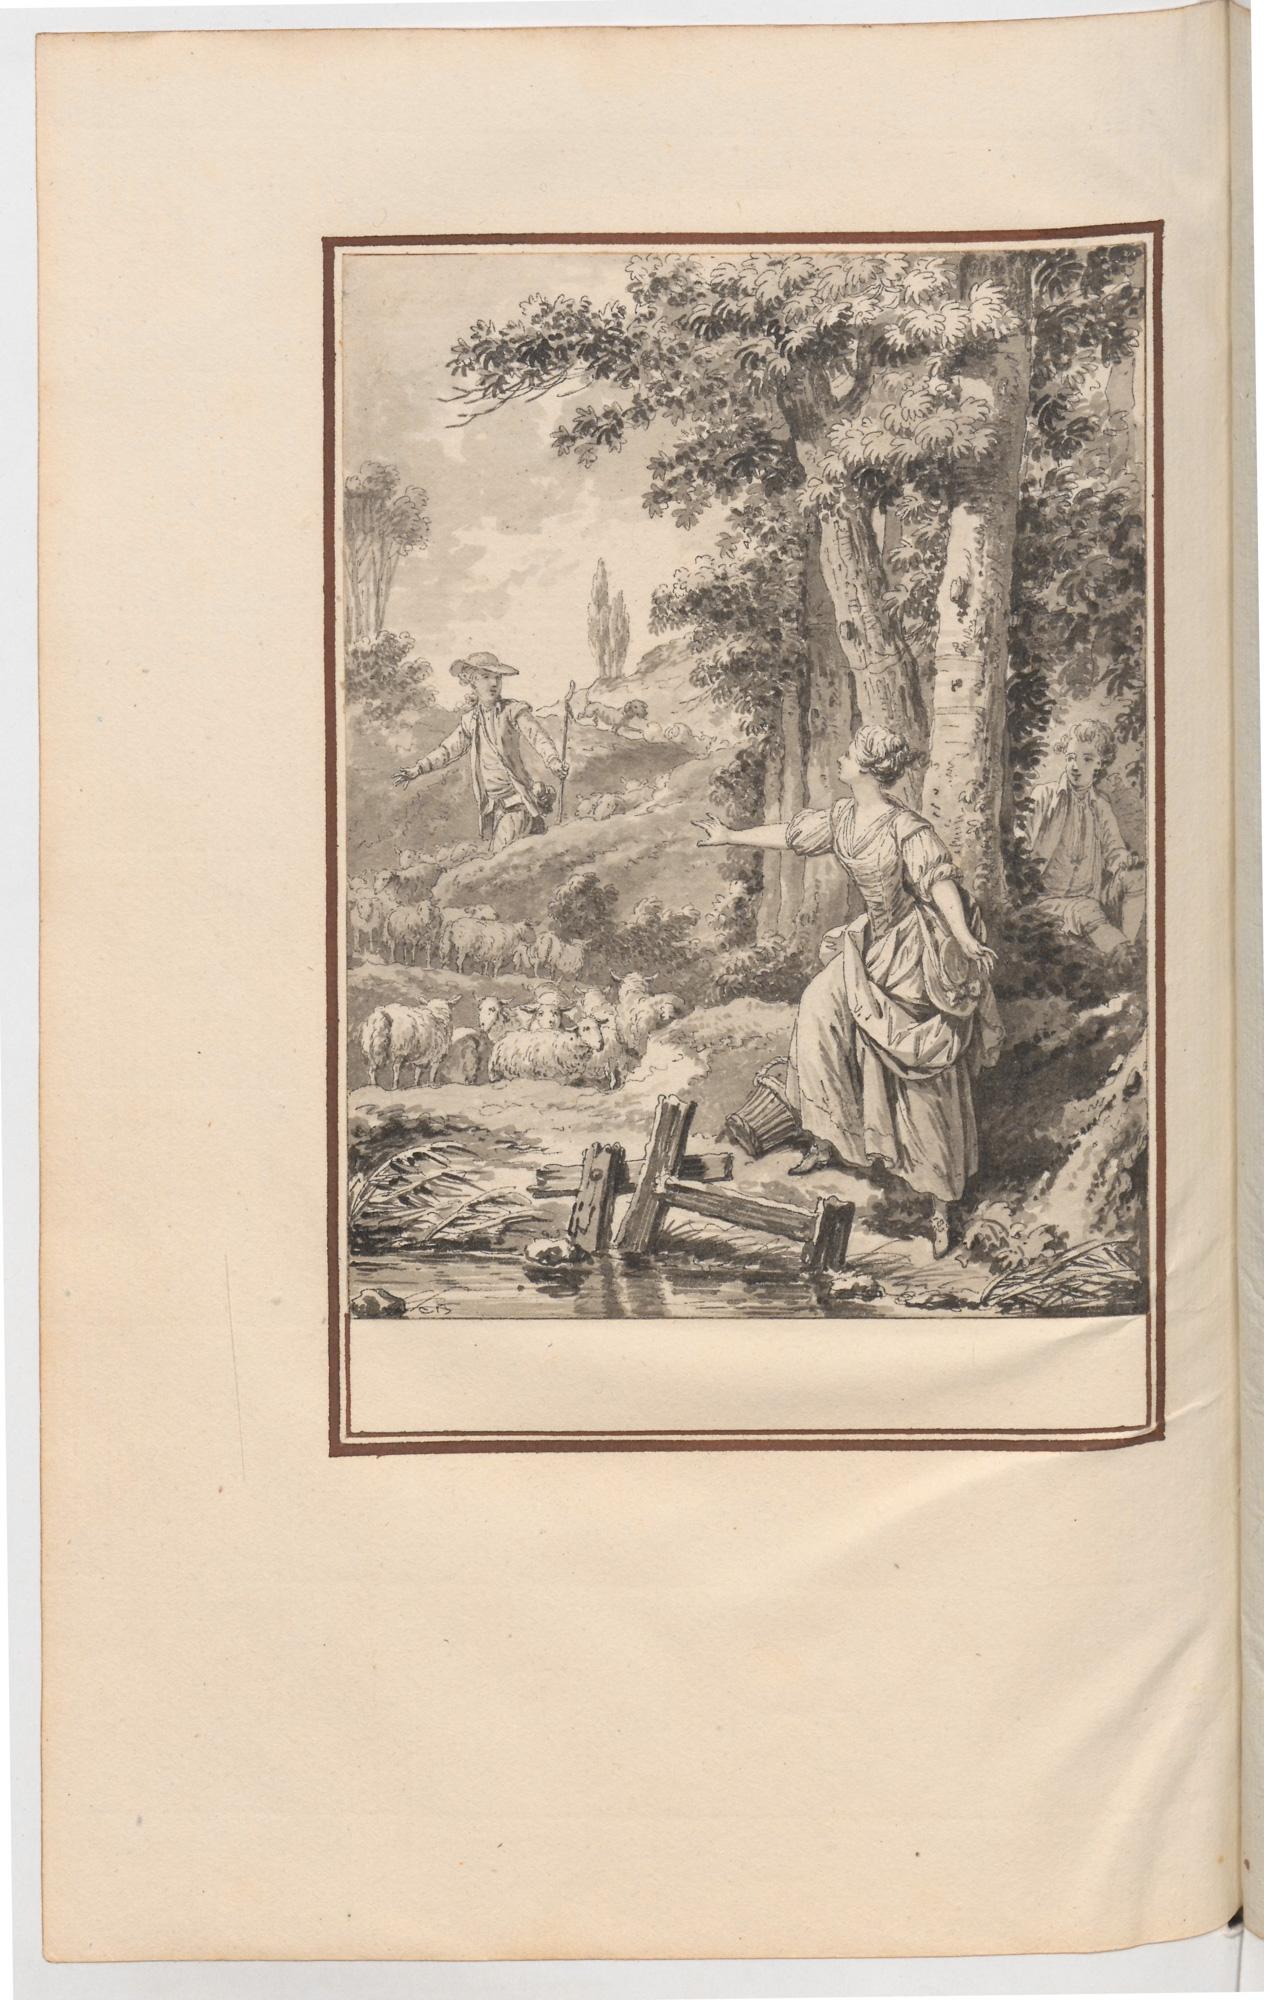 S.3.23 Le soupçon injuste, Chantilly, Image